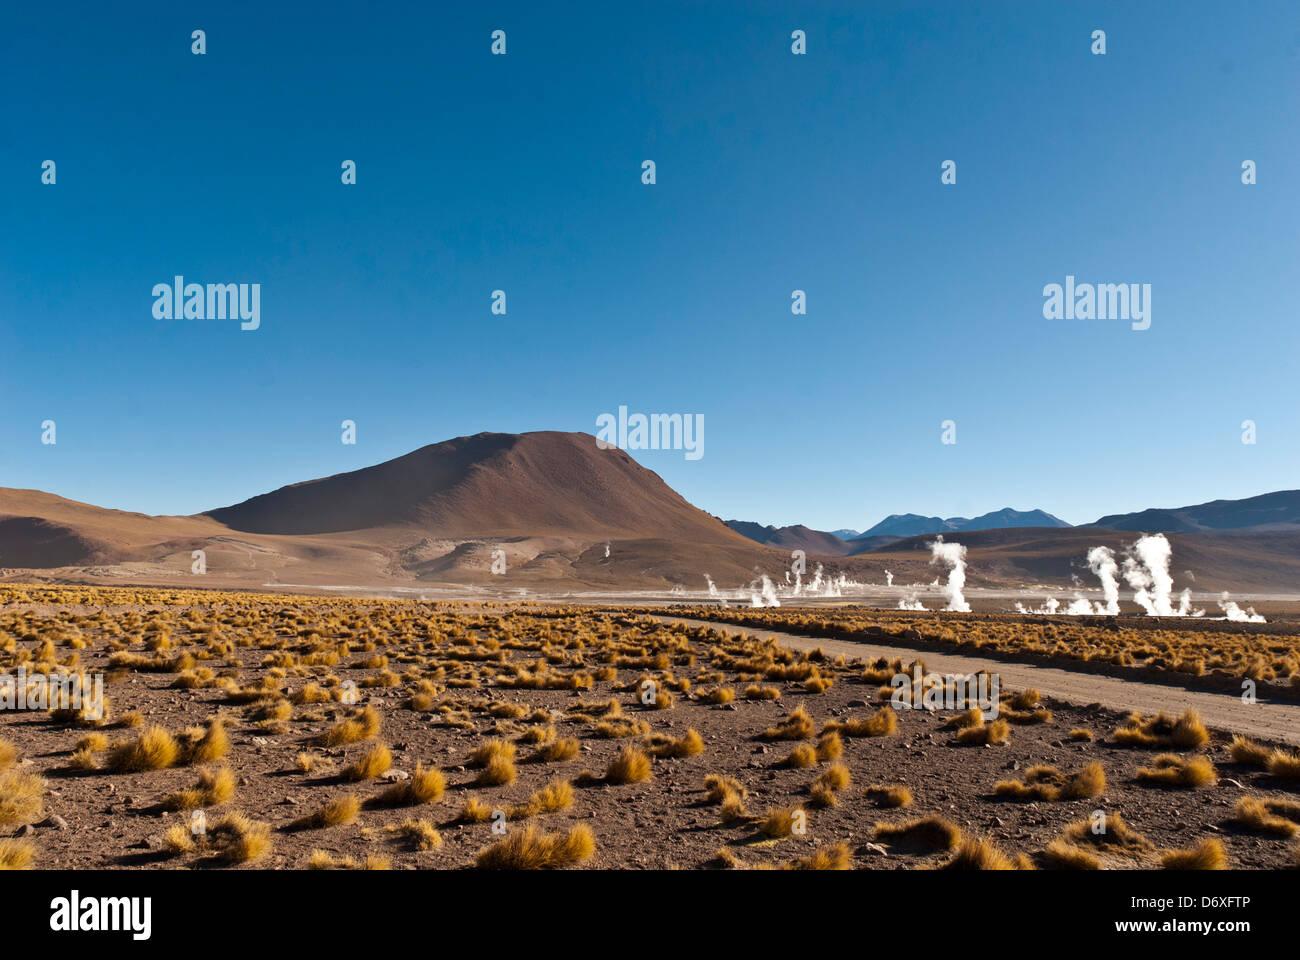 Gysers del Tatio (El Tatio geysers), Atacama, Chile, South America - Stock Image